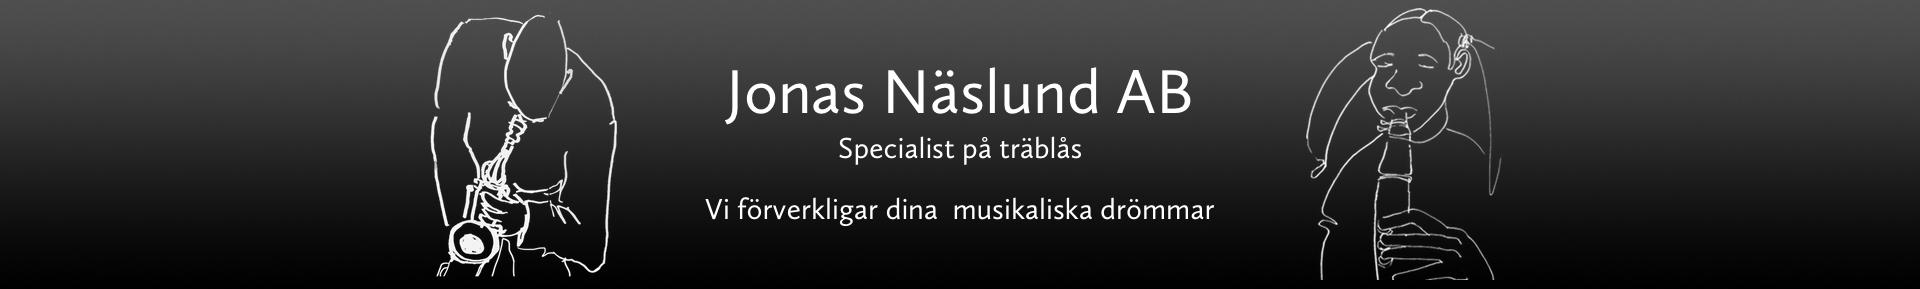 Jonas Näslund AB